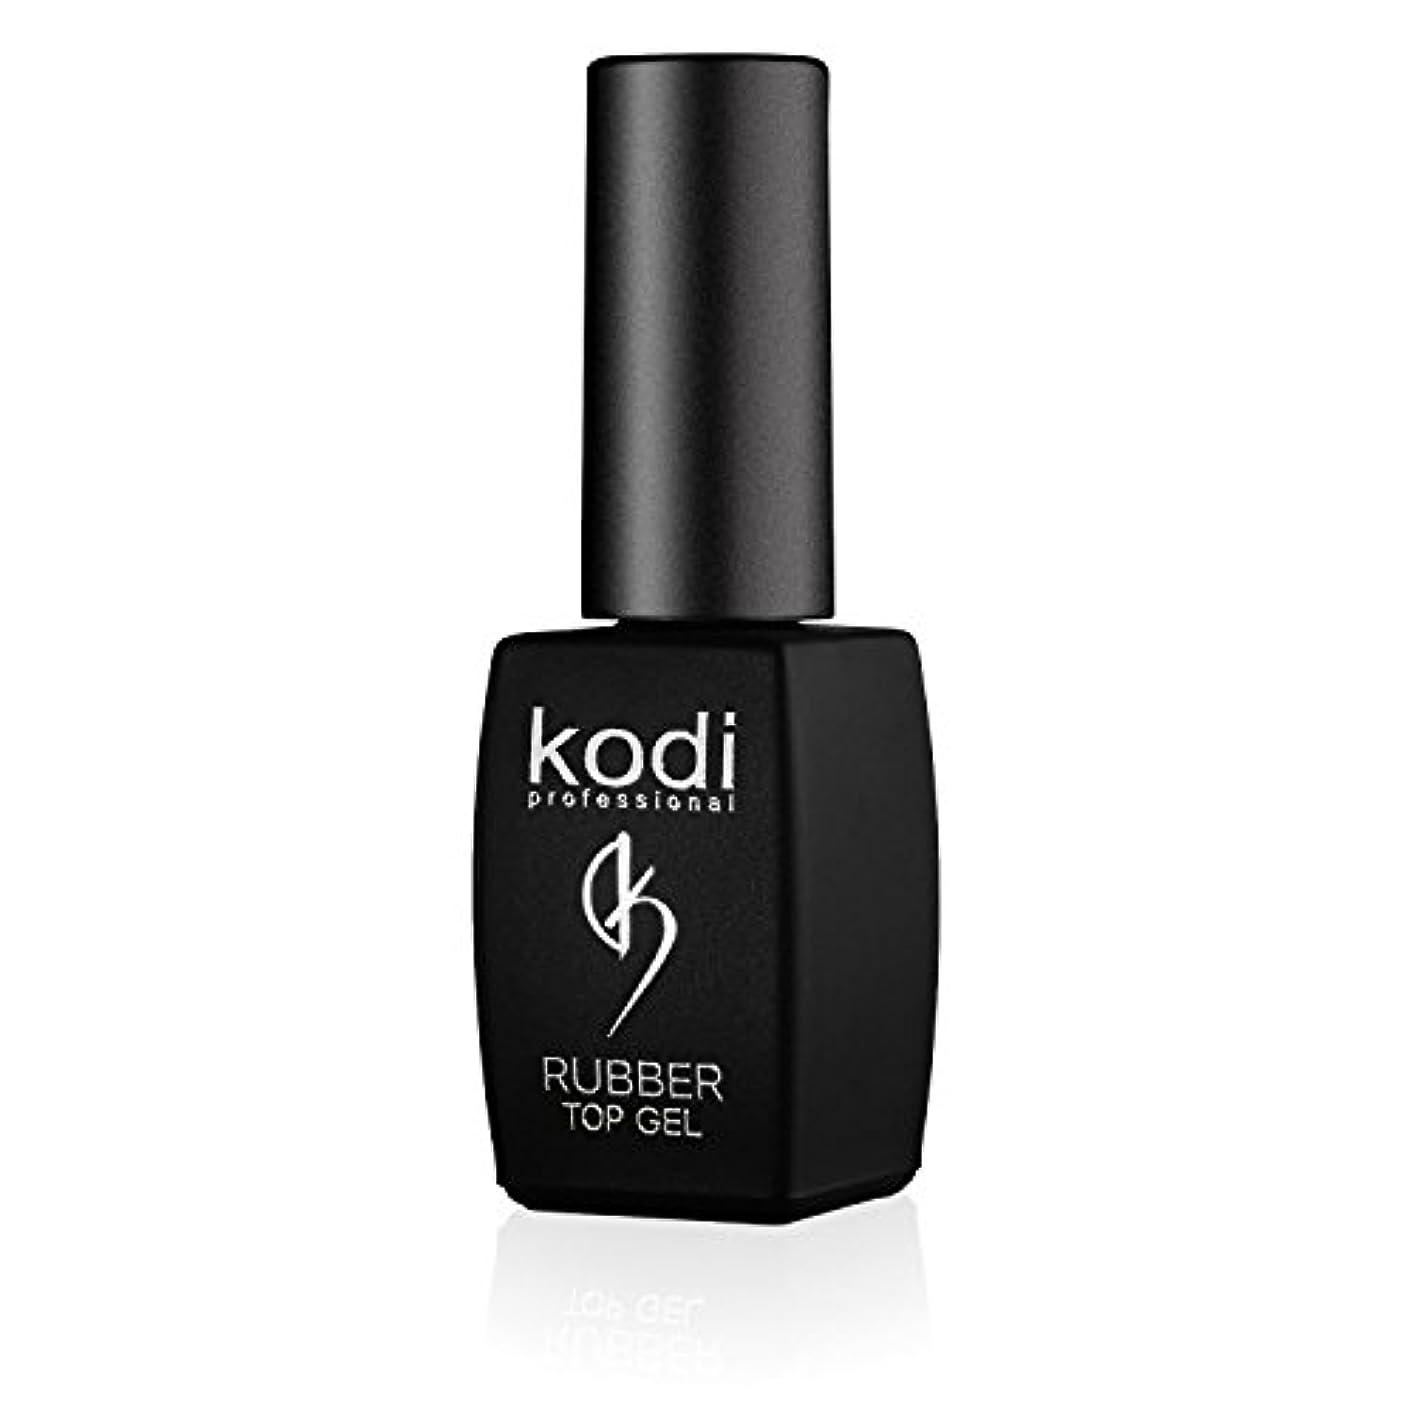 逆さまに欲望変換Professional Rubber Top Gel By Kodi   8ml 0.27 oz   Soak Off, Polish Fingernails Coat Kit   For Long Lasting Nails...